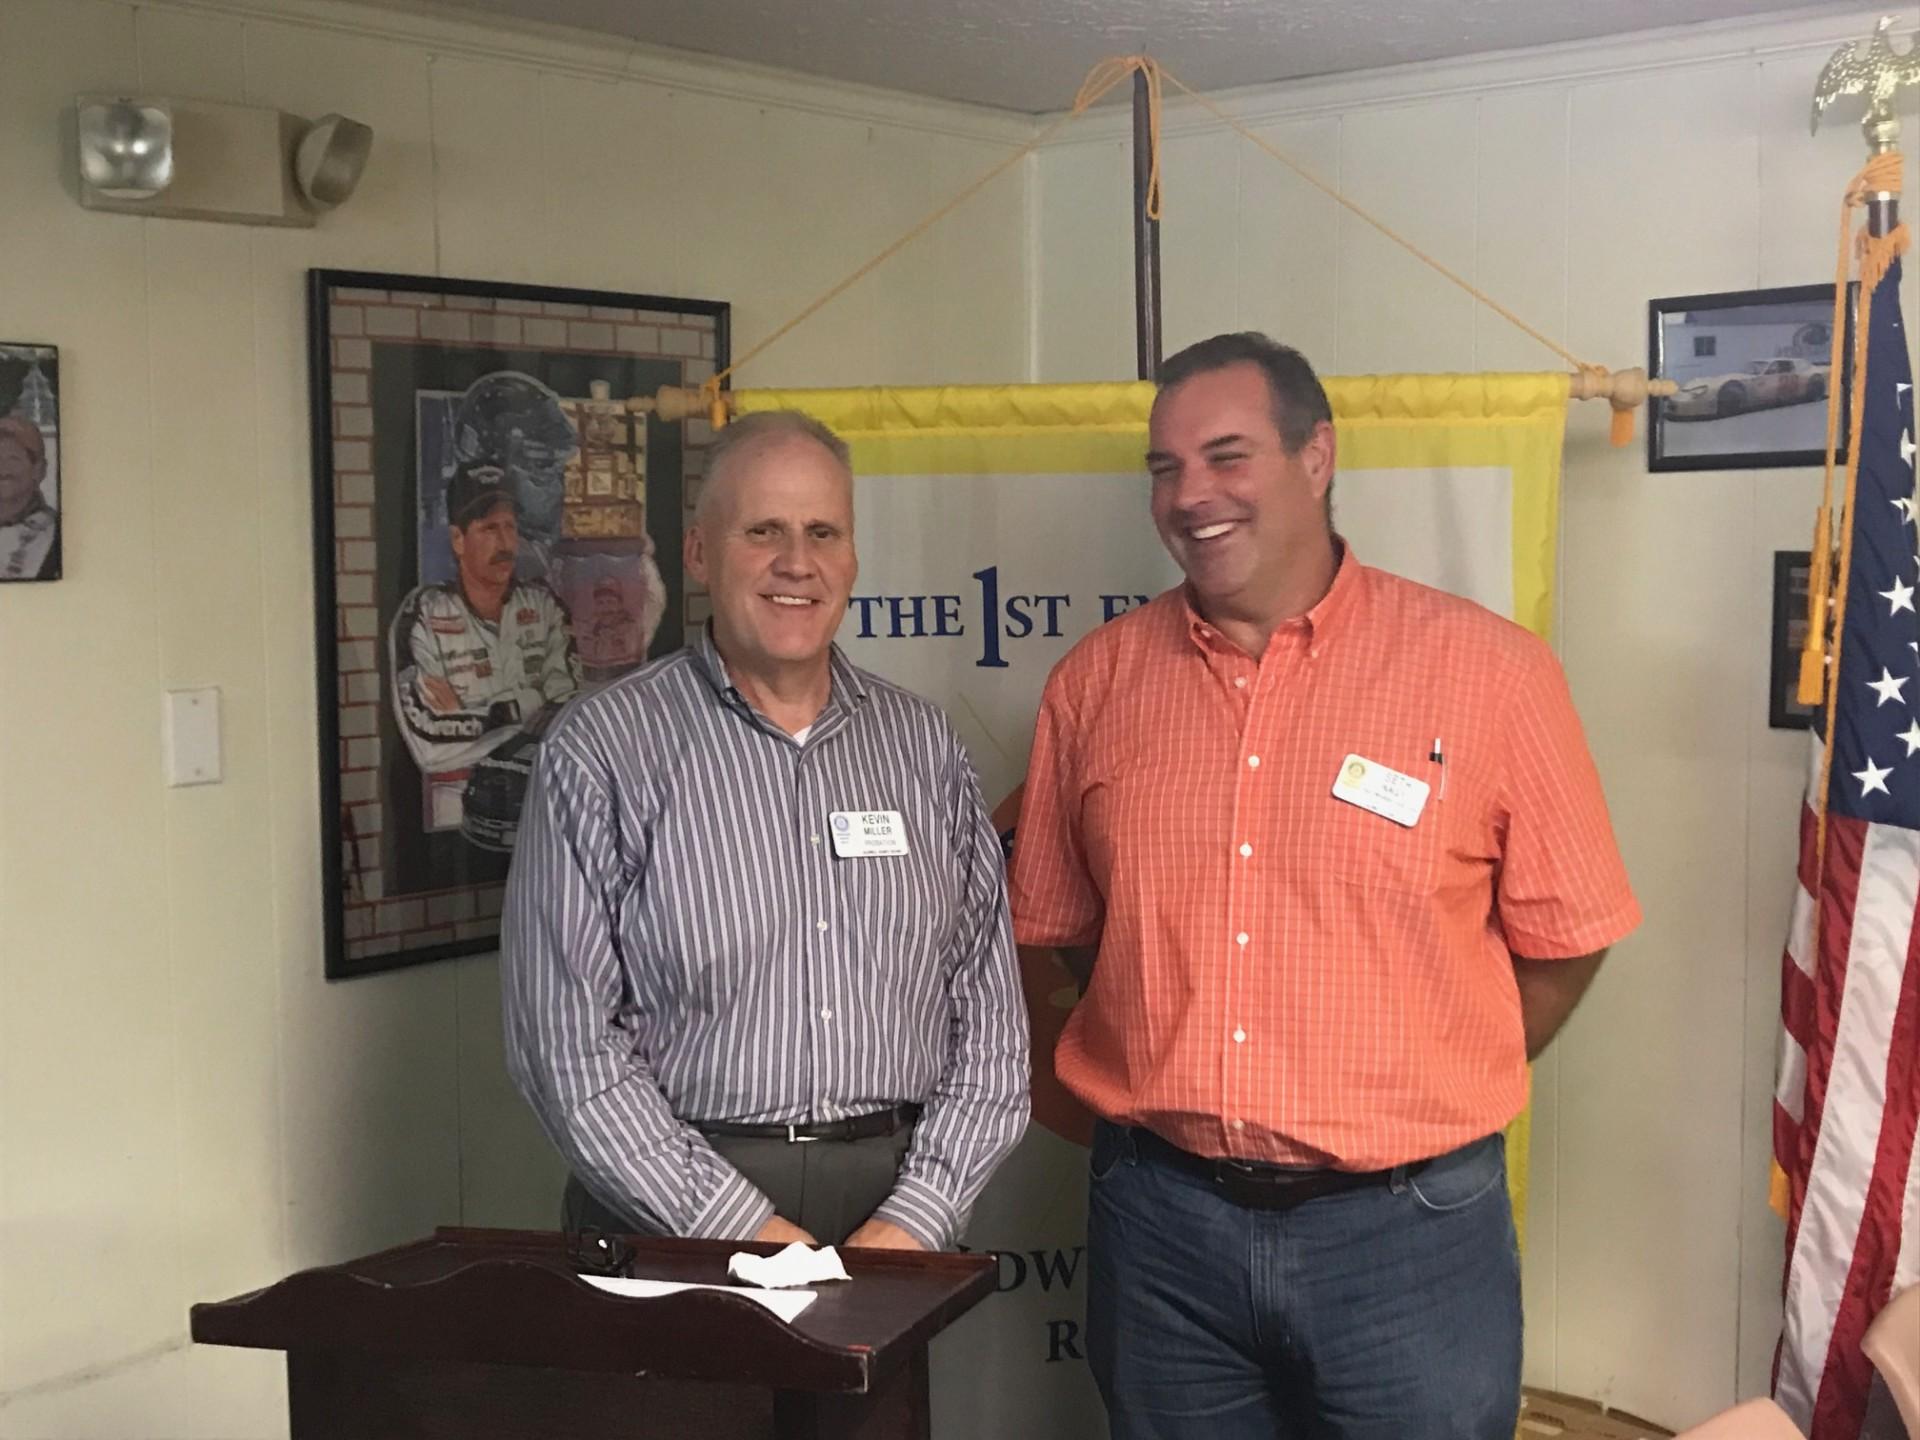 Seth Nagy & Kevin Miller